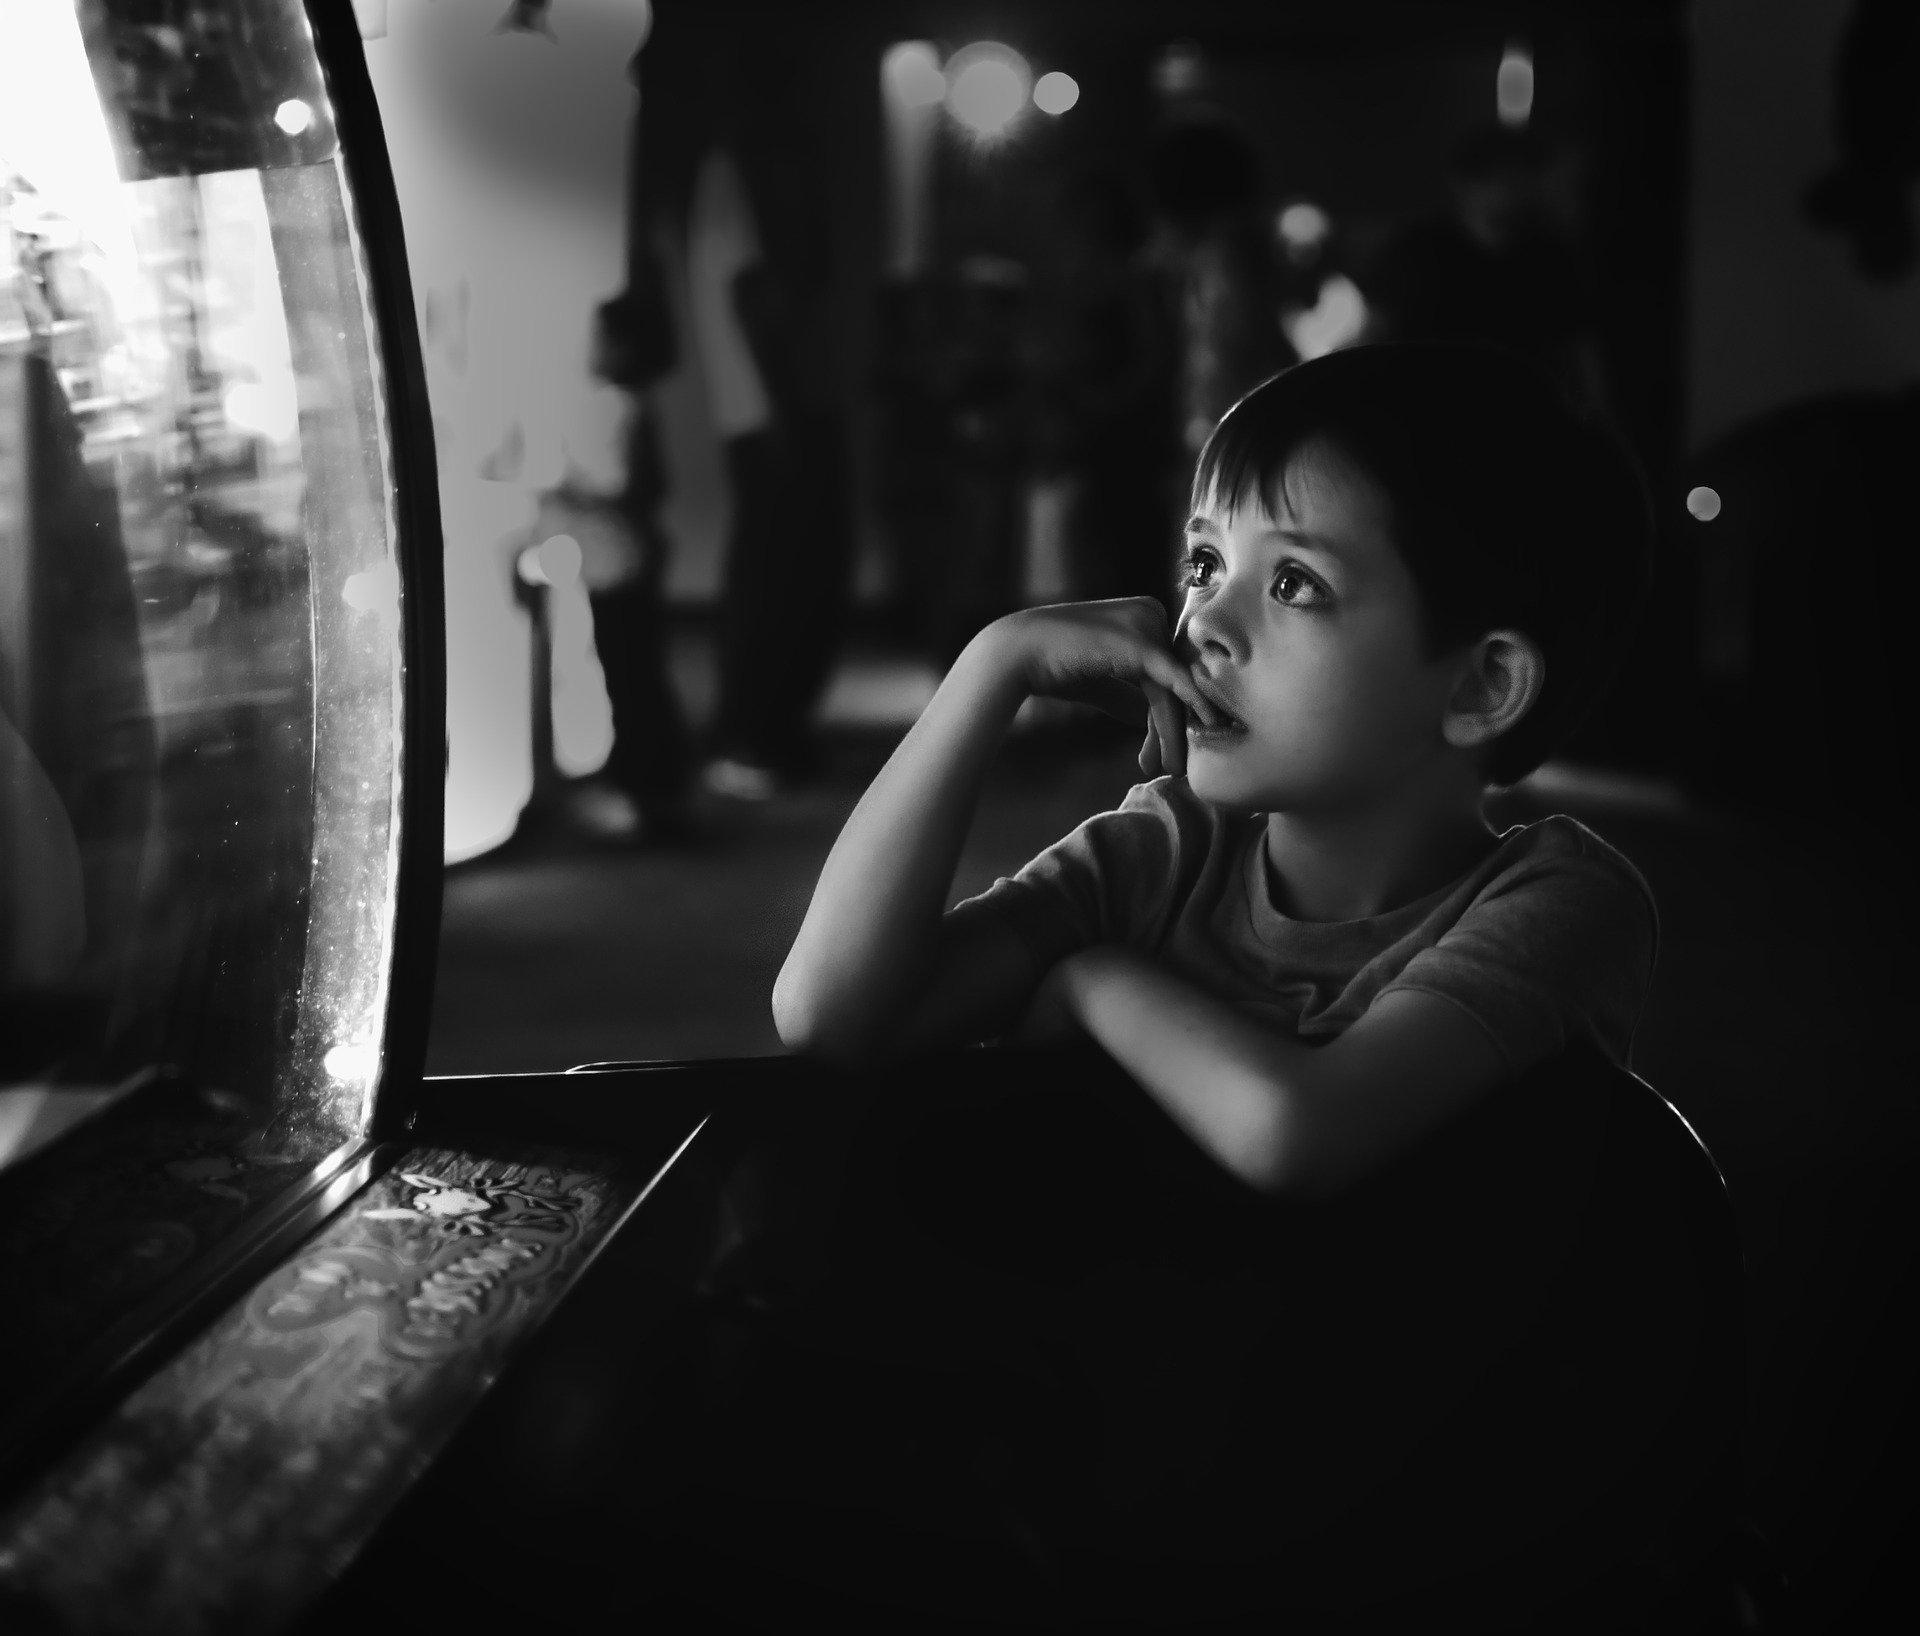 bambino che guarda uno schermo spento